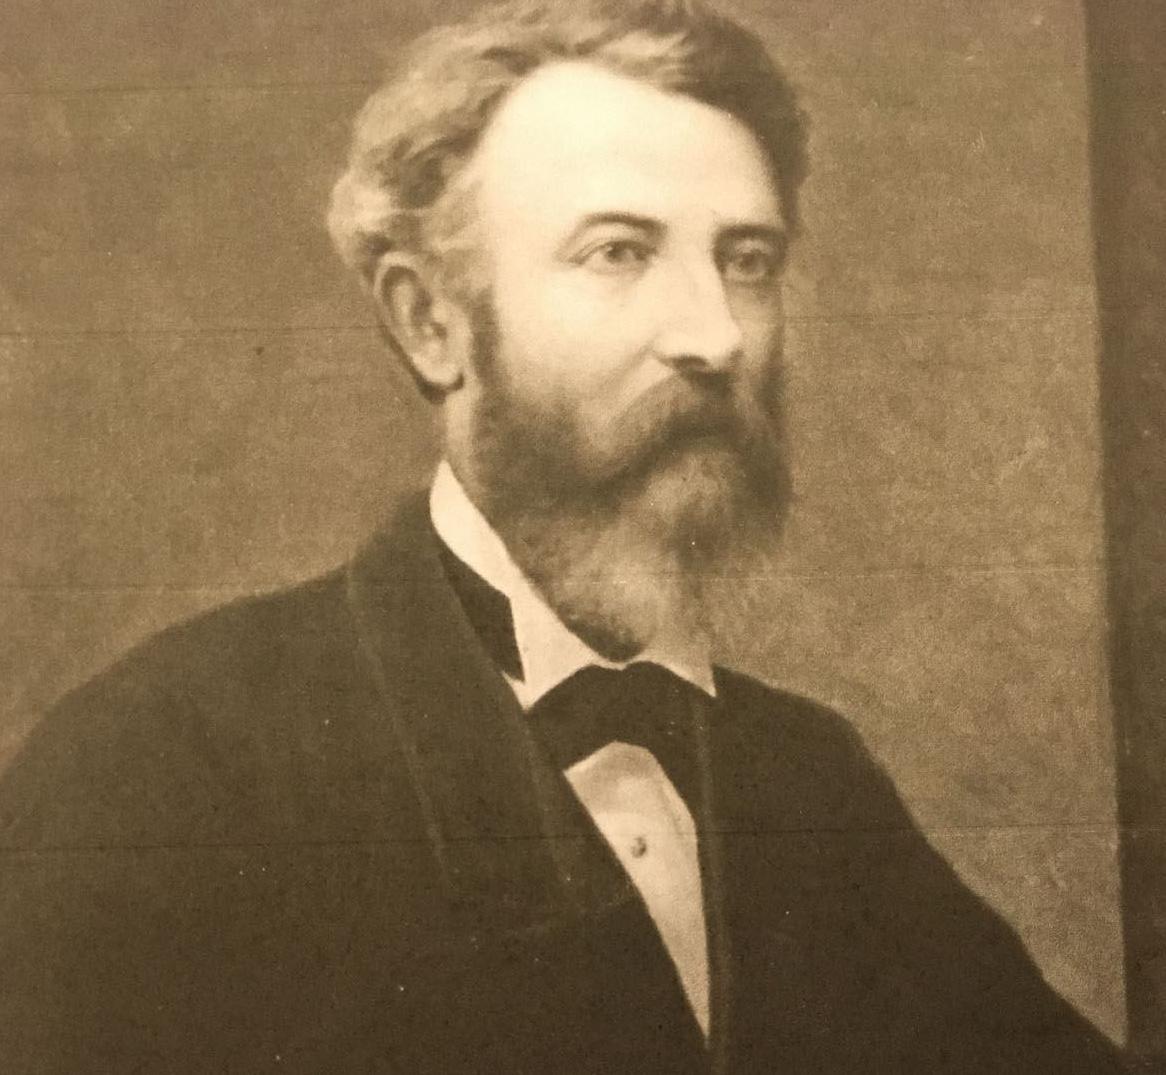 Charles K. Landis